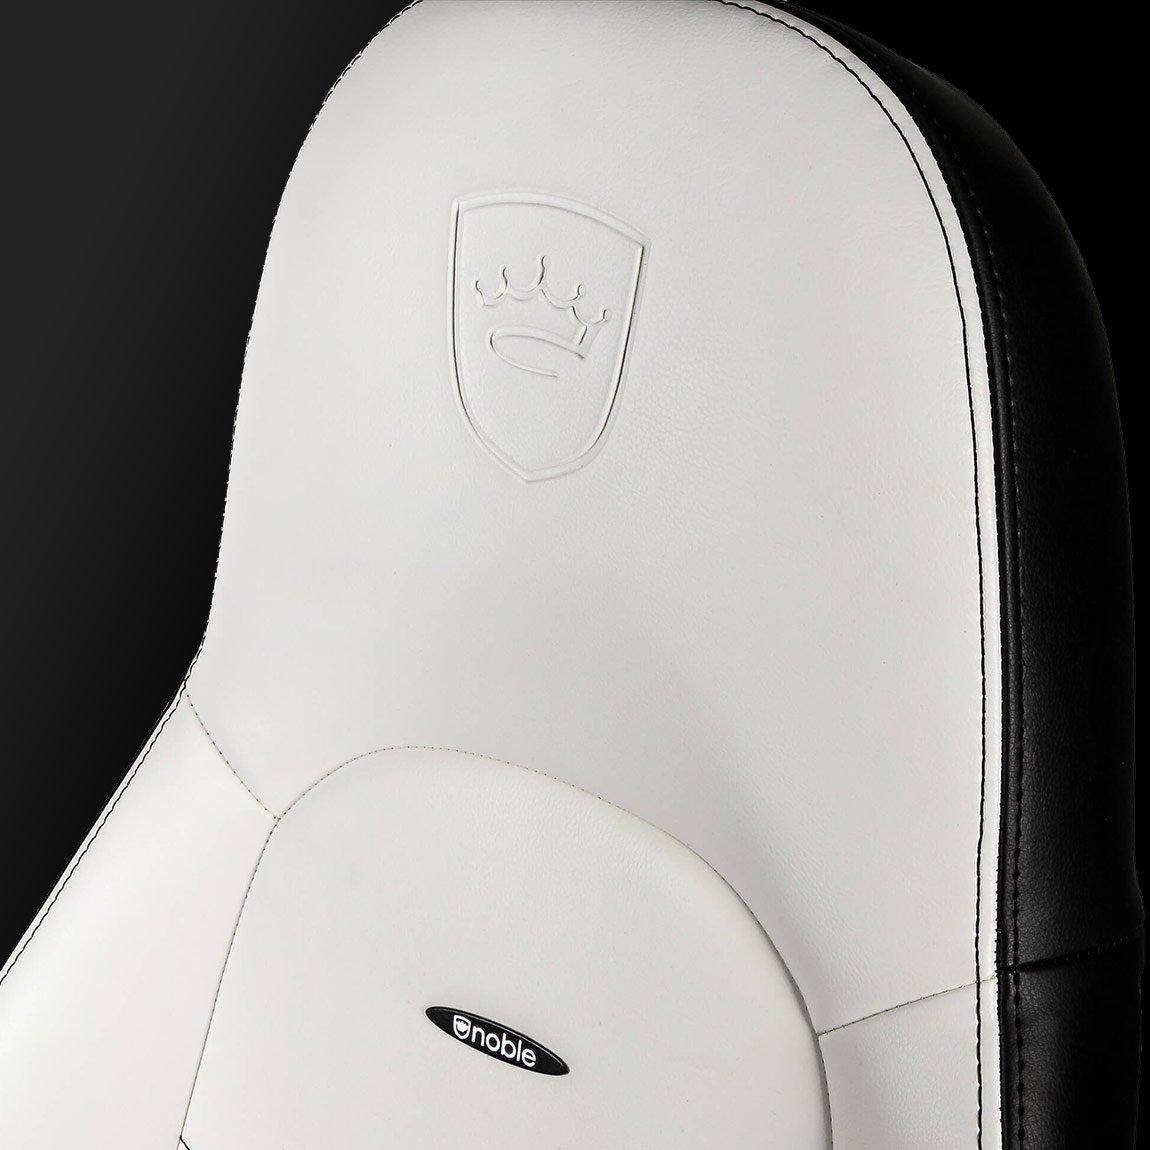 белое кресло айкон нобельчейрз